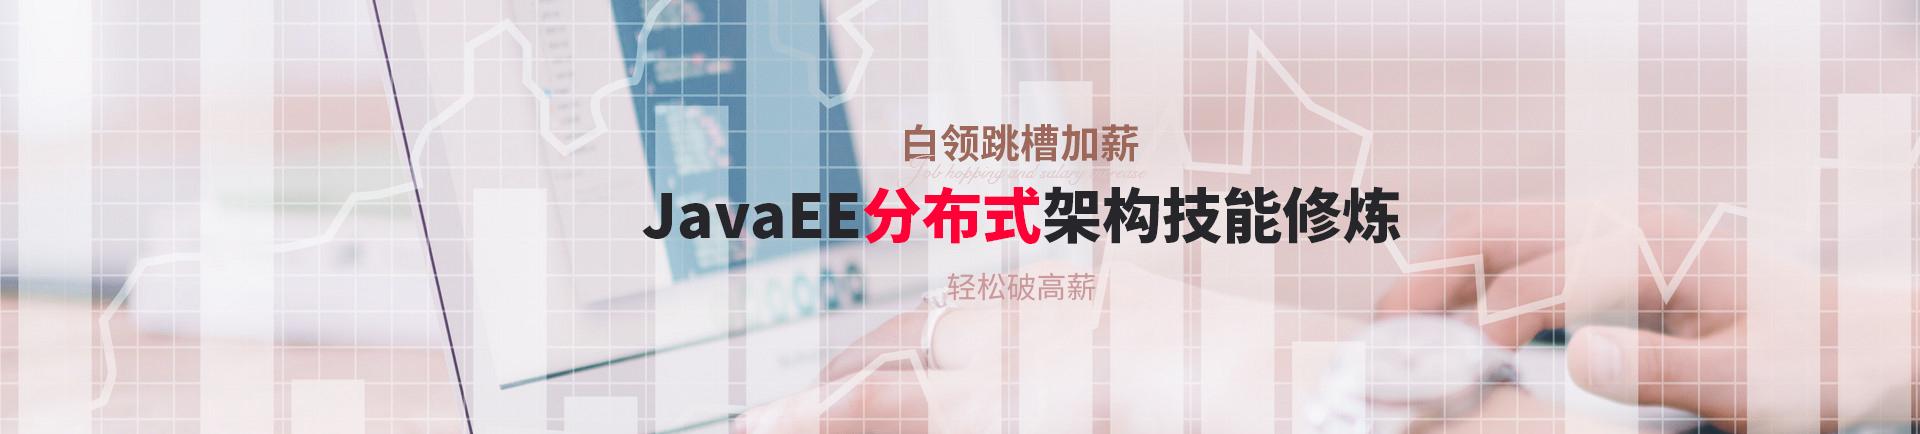 JavaEE分布�架构技能修炼 轻�挑战高薪-hebei